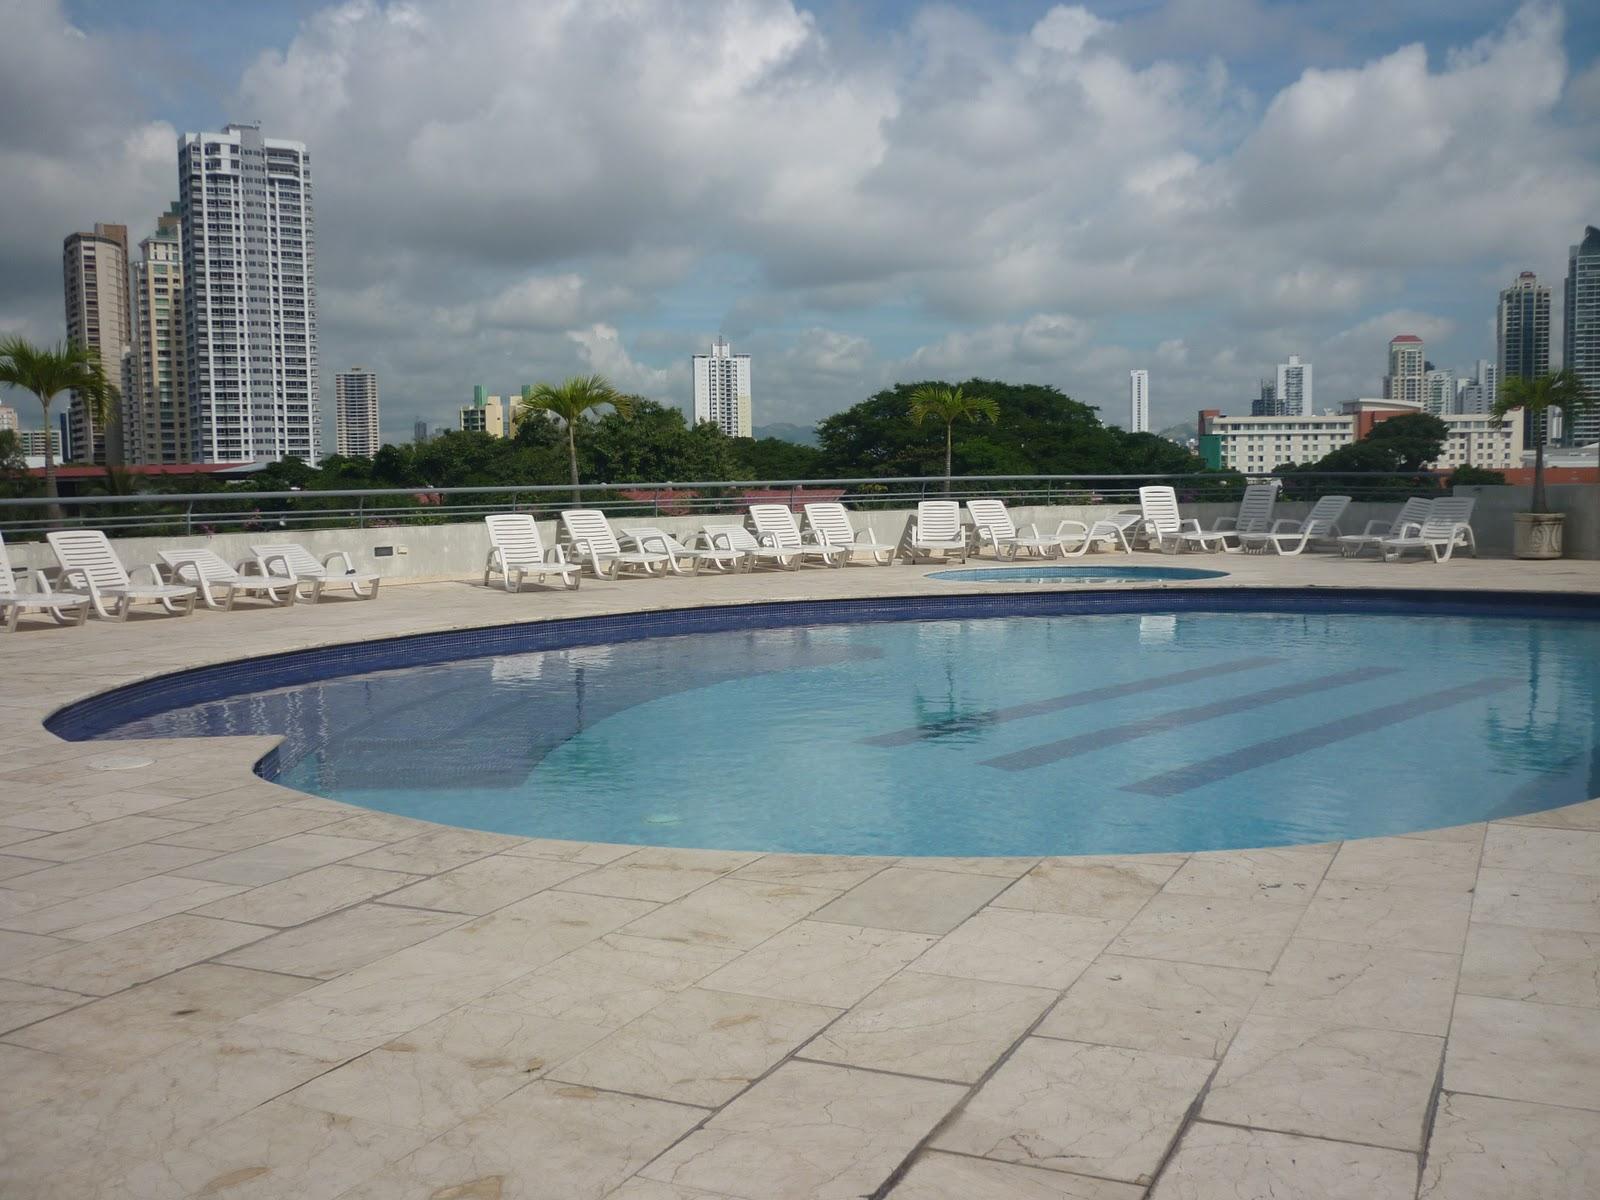 Apartamento panama fotos piscina gimnasio y zona de juegos for Piscina gimnasio